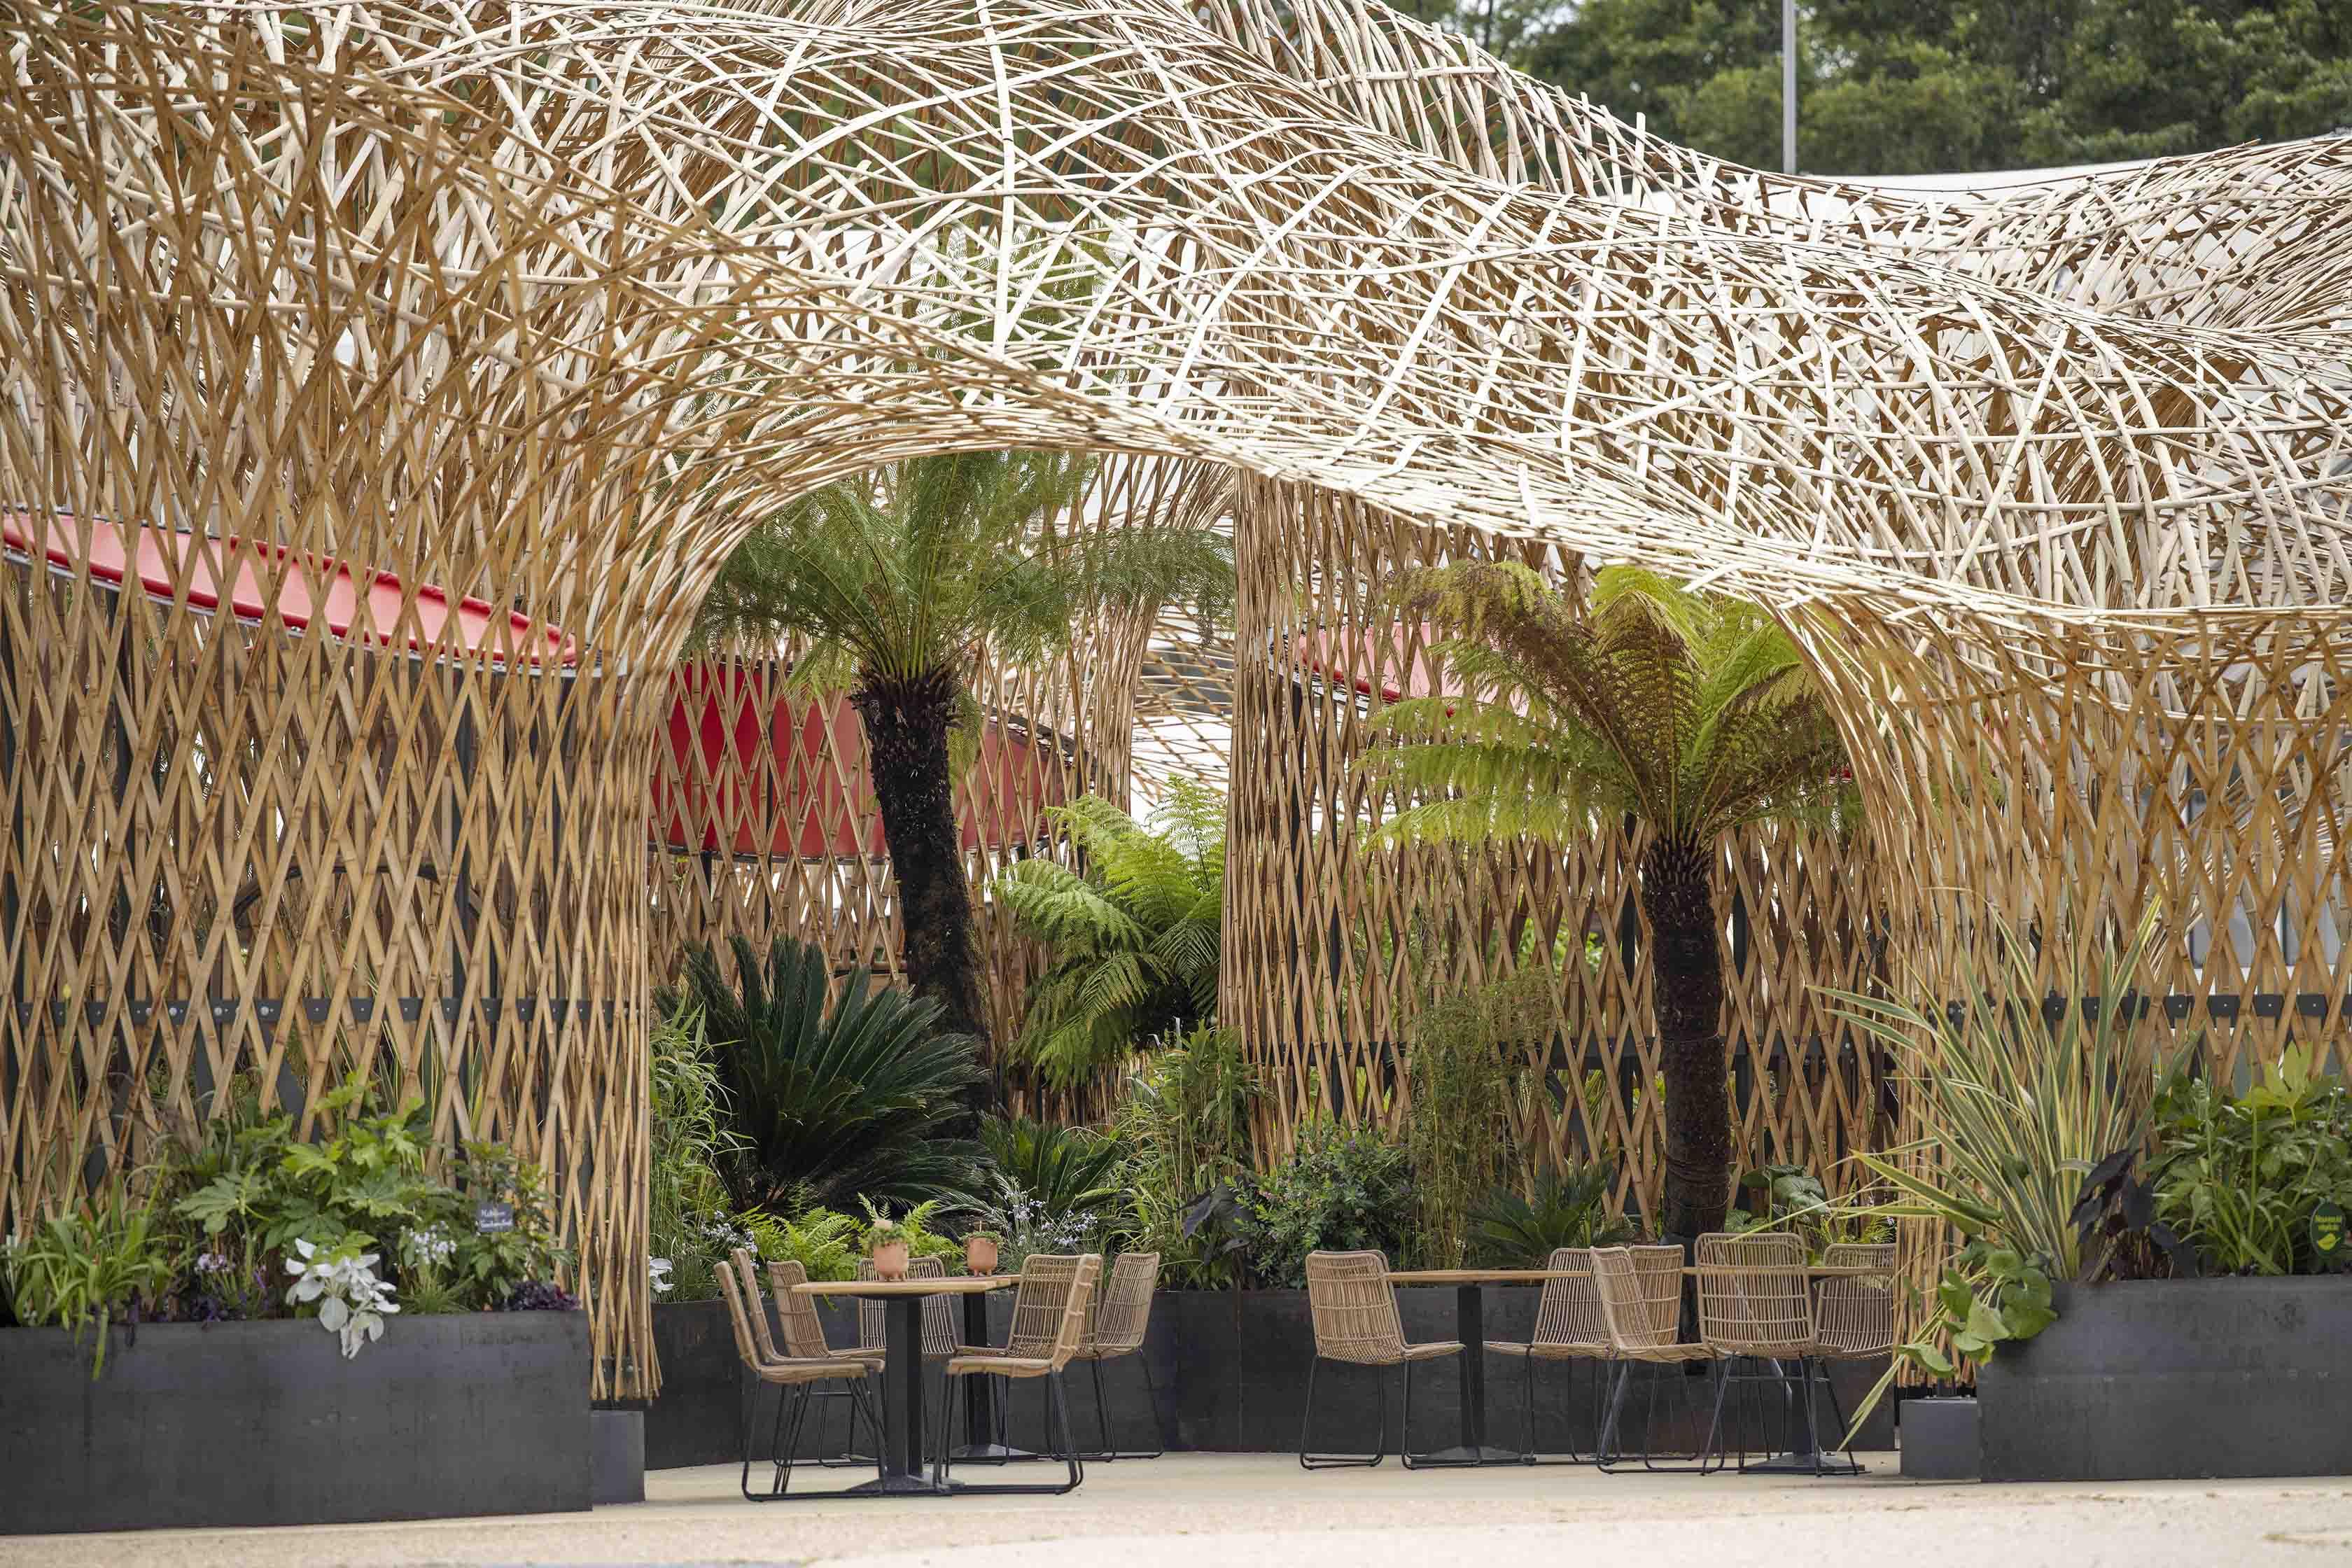 Bambuskonstruktion aus Bambusleisten Deambulons - l'Oasis - Kalice Studio - Arnaud Childeric7